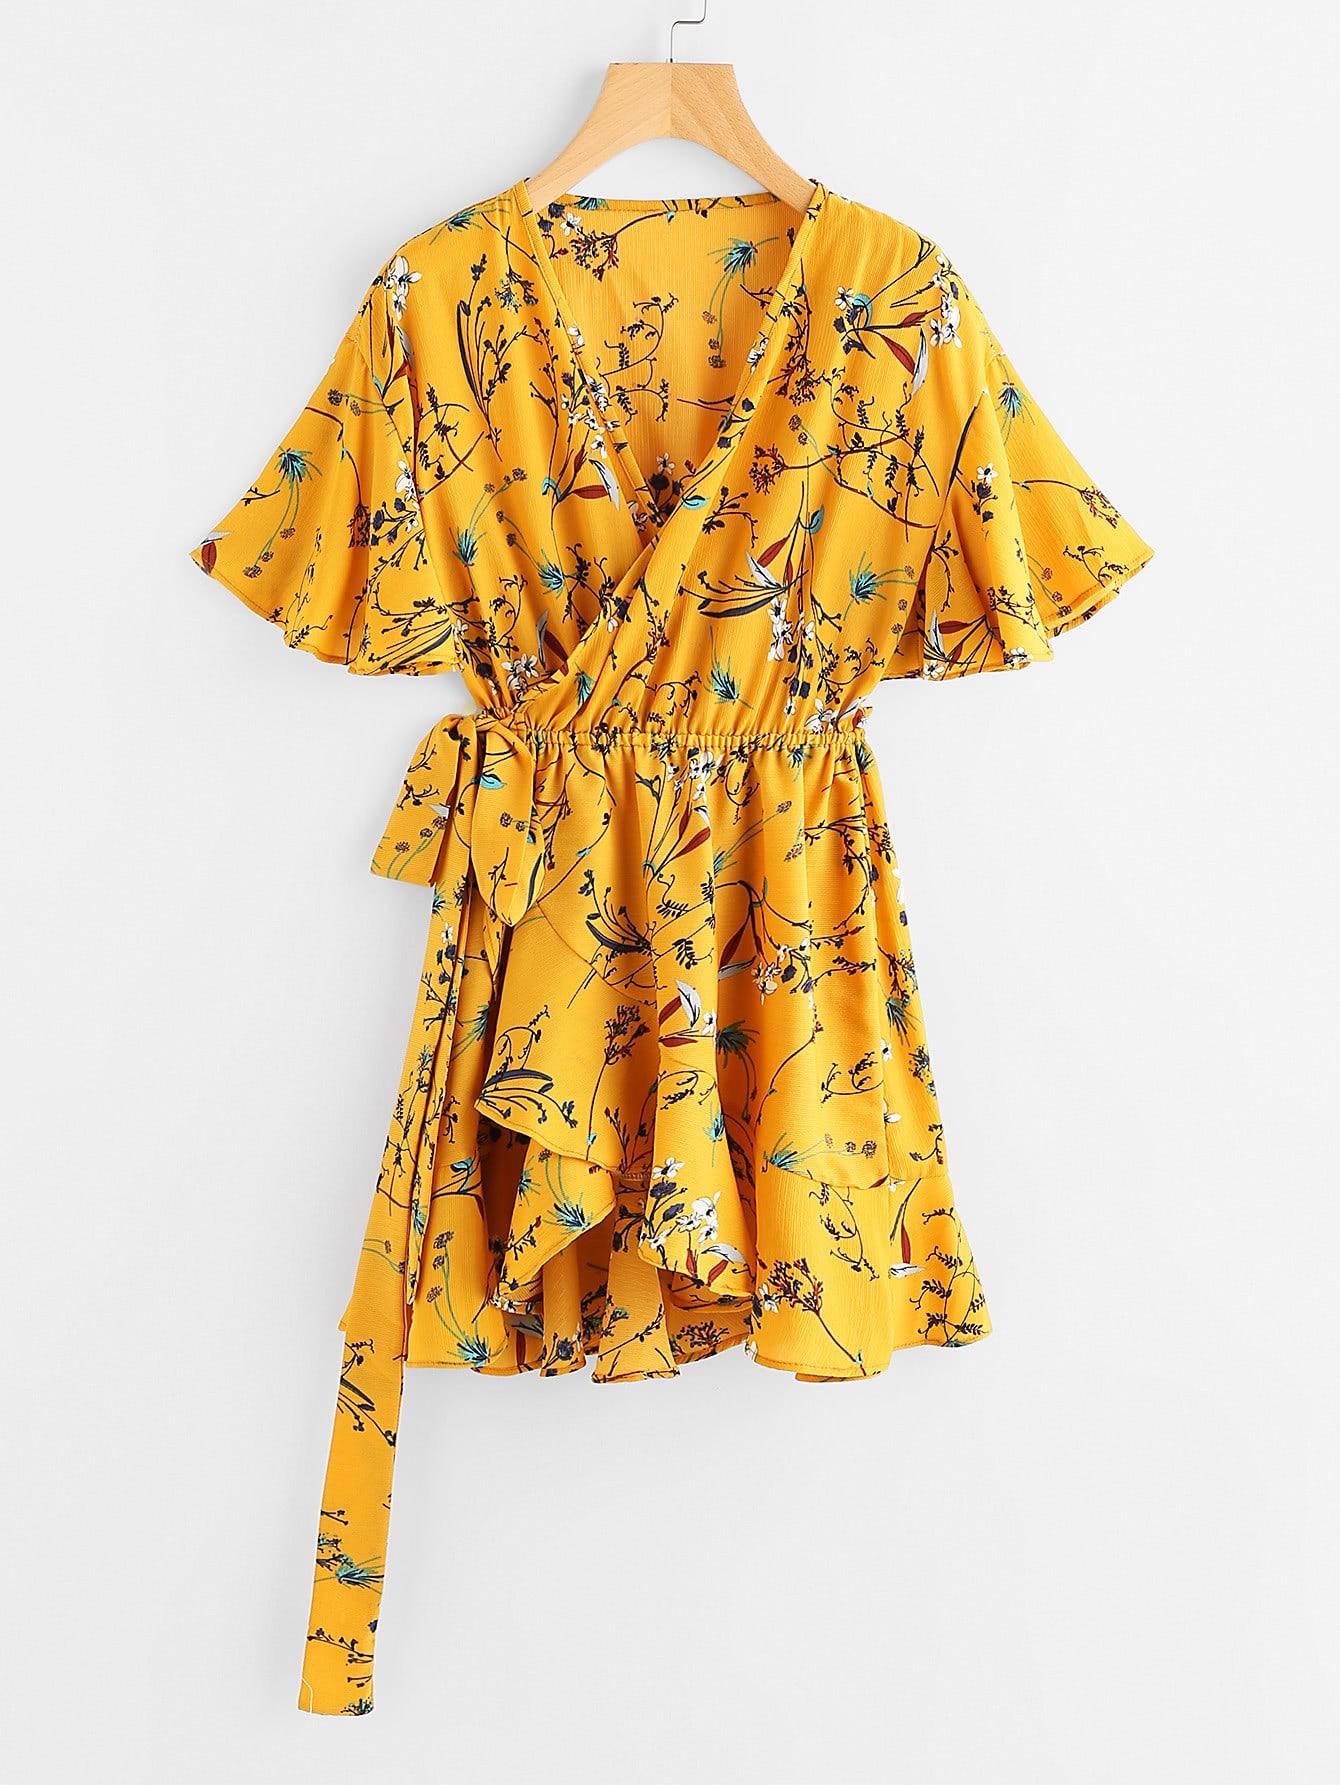 Floral Print Surplice Self Tie Waist Dress